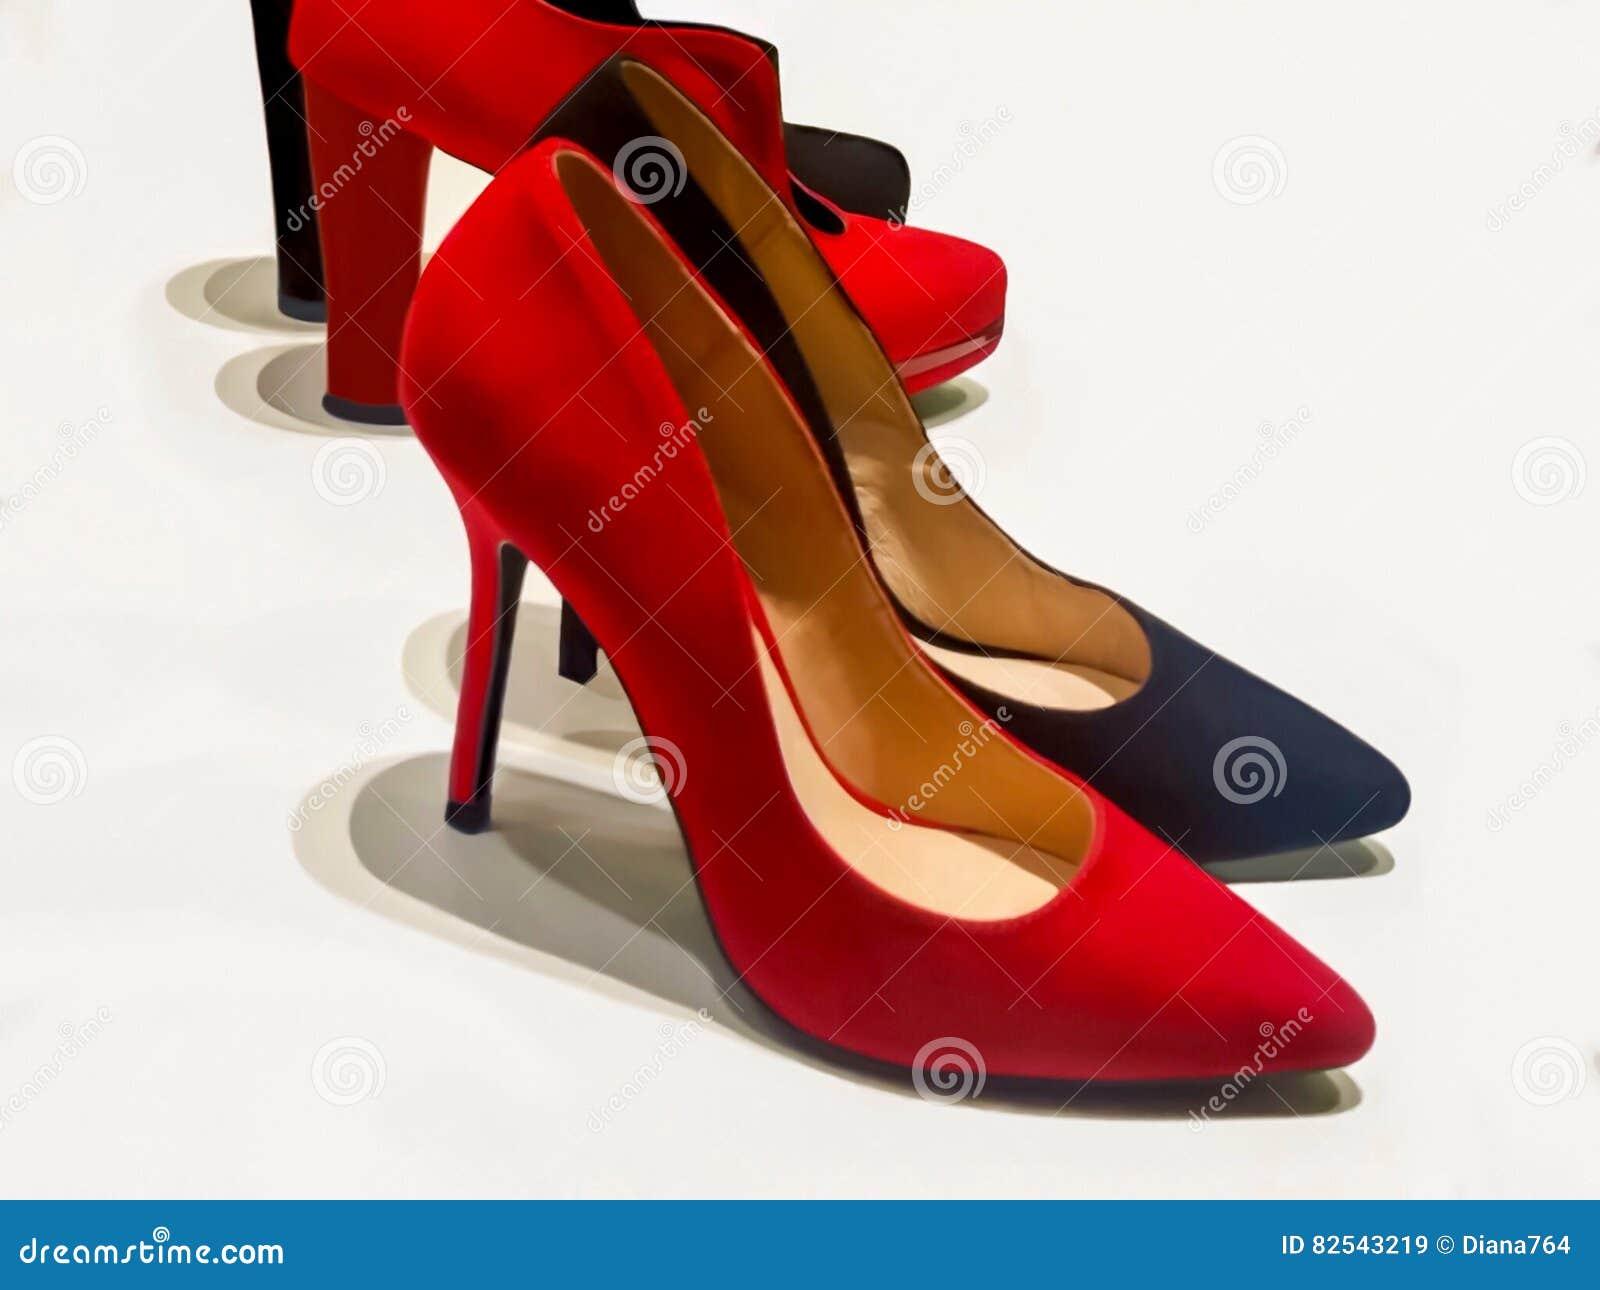 buy online 79fa1 06408 Scarpe Rosse E Nere Della Donna Del Tacco Alto Immagine ...